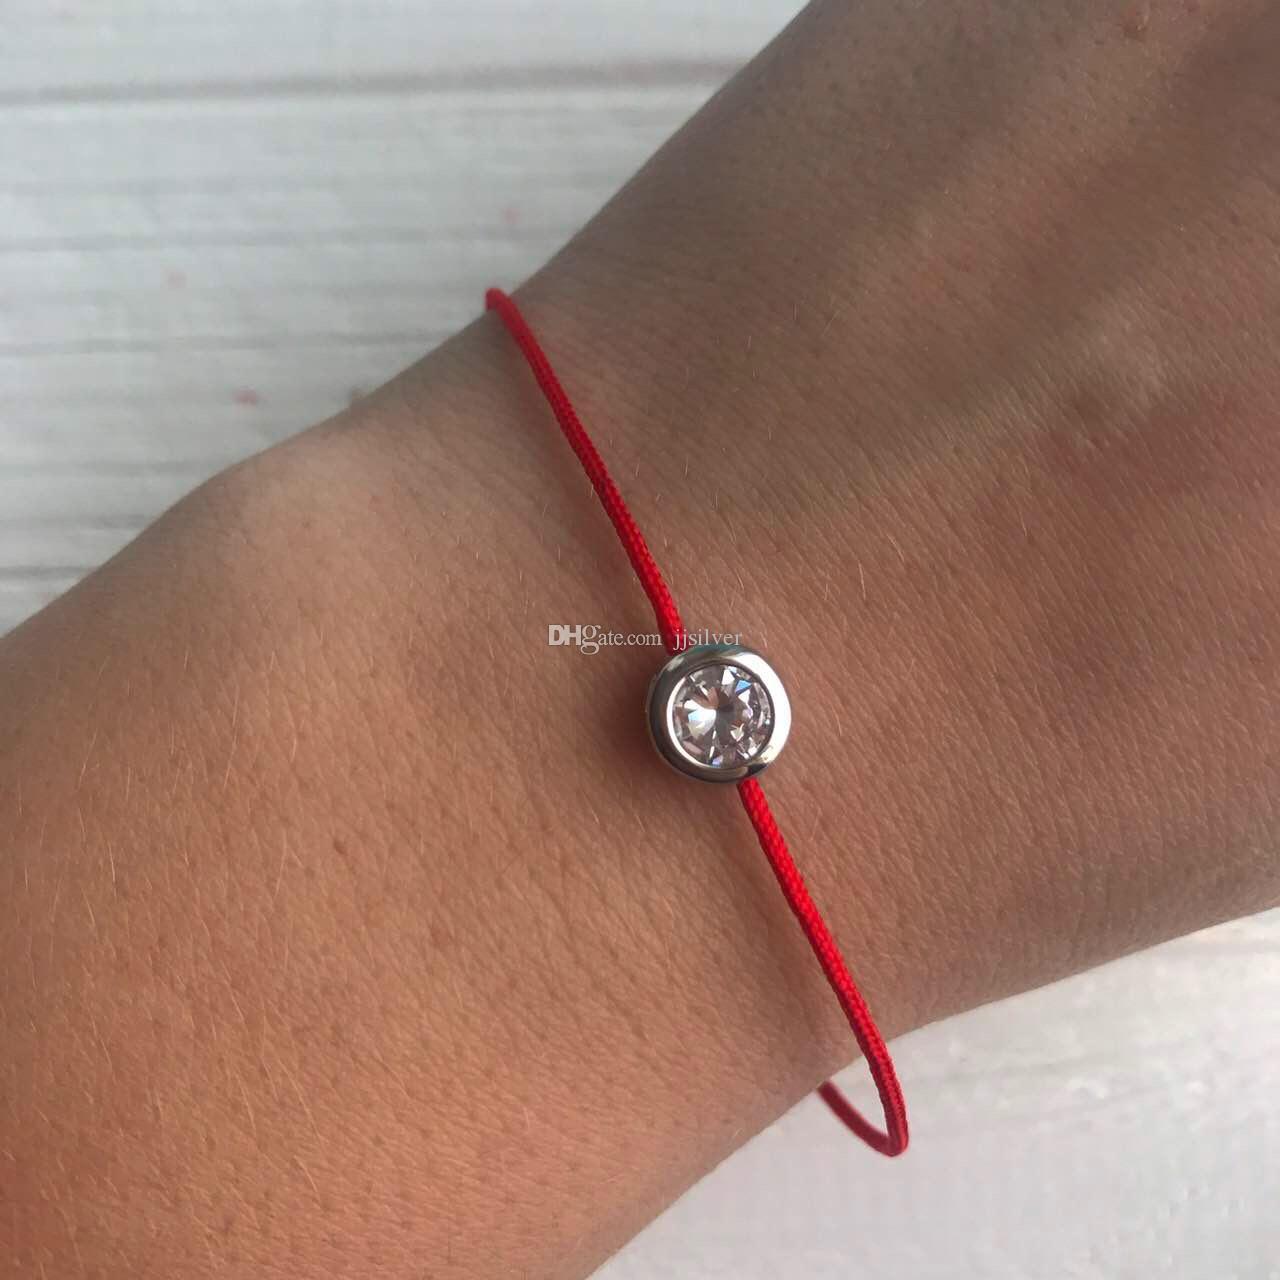 Kırmızı Dize Bilezik Anlamı Ile Zirkon 925 Ayar Gümüş Halat Bilezik Şanslı Kırmızı Konu Kadınlar Için Bilezikler Takı